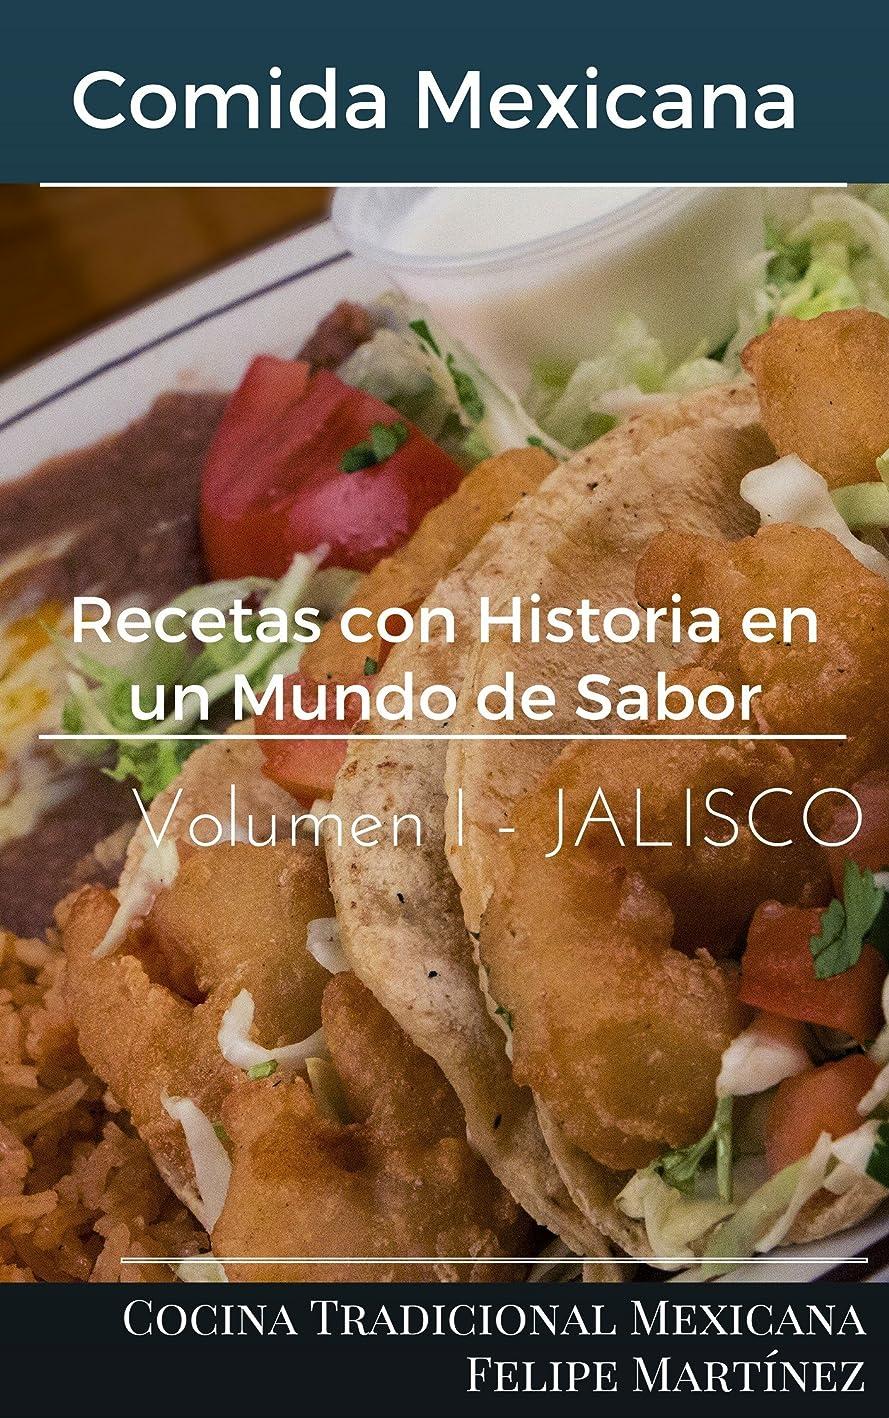 構築する失業者黙Recetas con Historia en un Mundo de Sabores: Comida Mexicana (Jalisco Volumen no 1) (Spanish Edition)